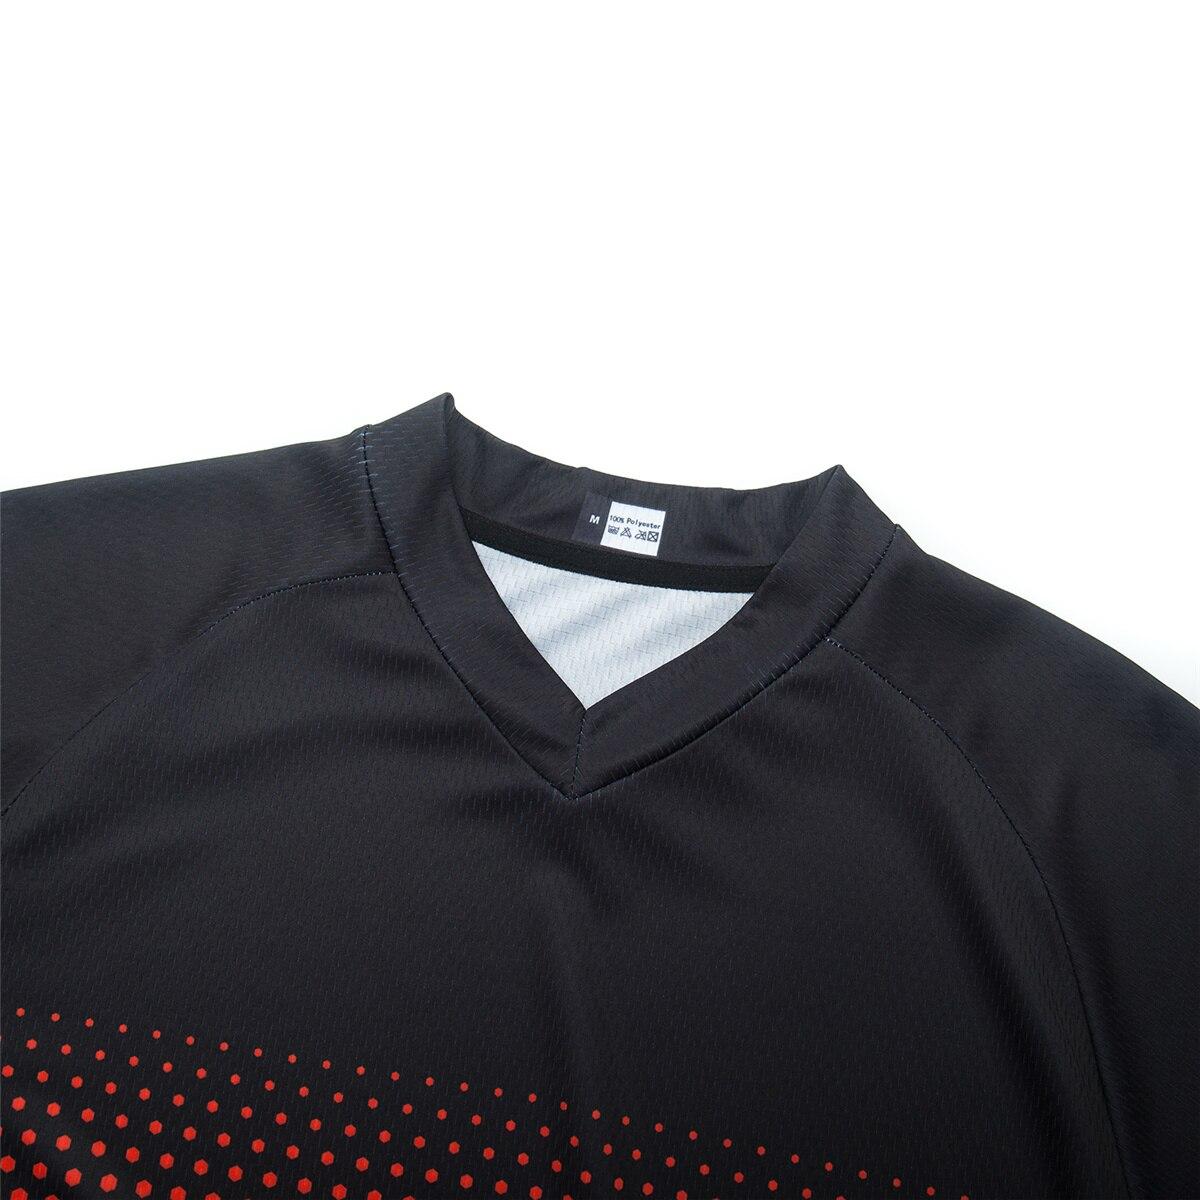 Camisa de ciclismo dos homens 2021 jpo